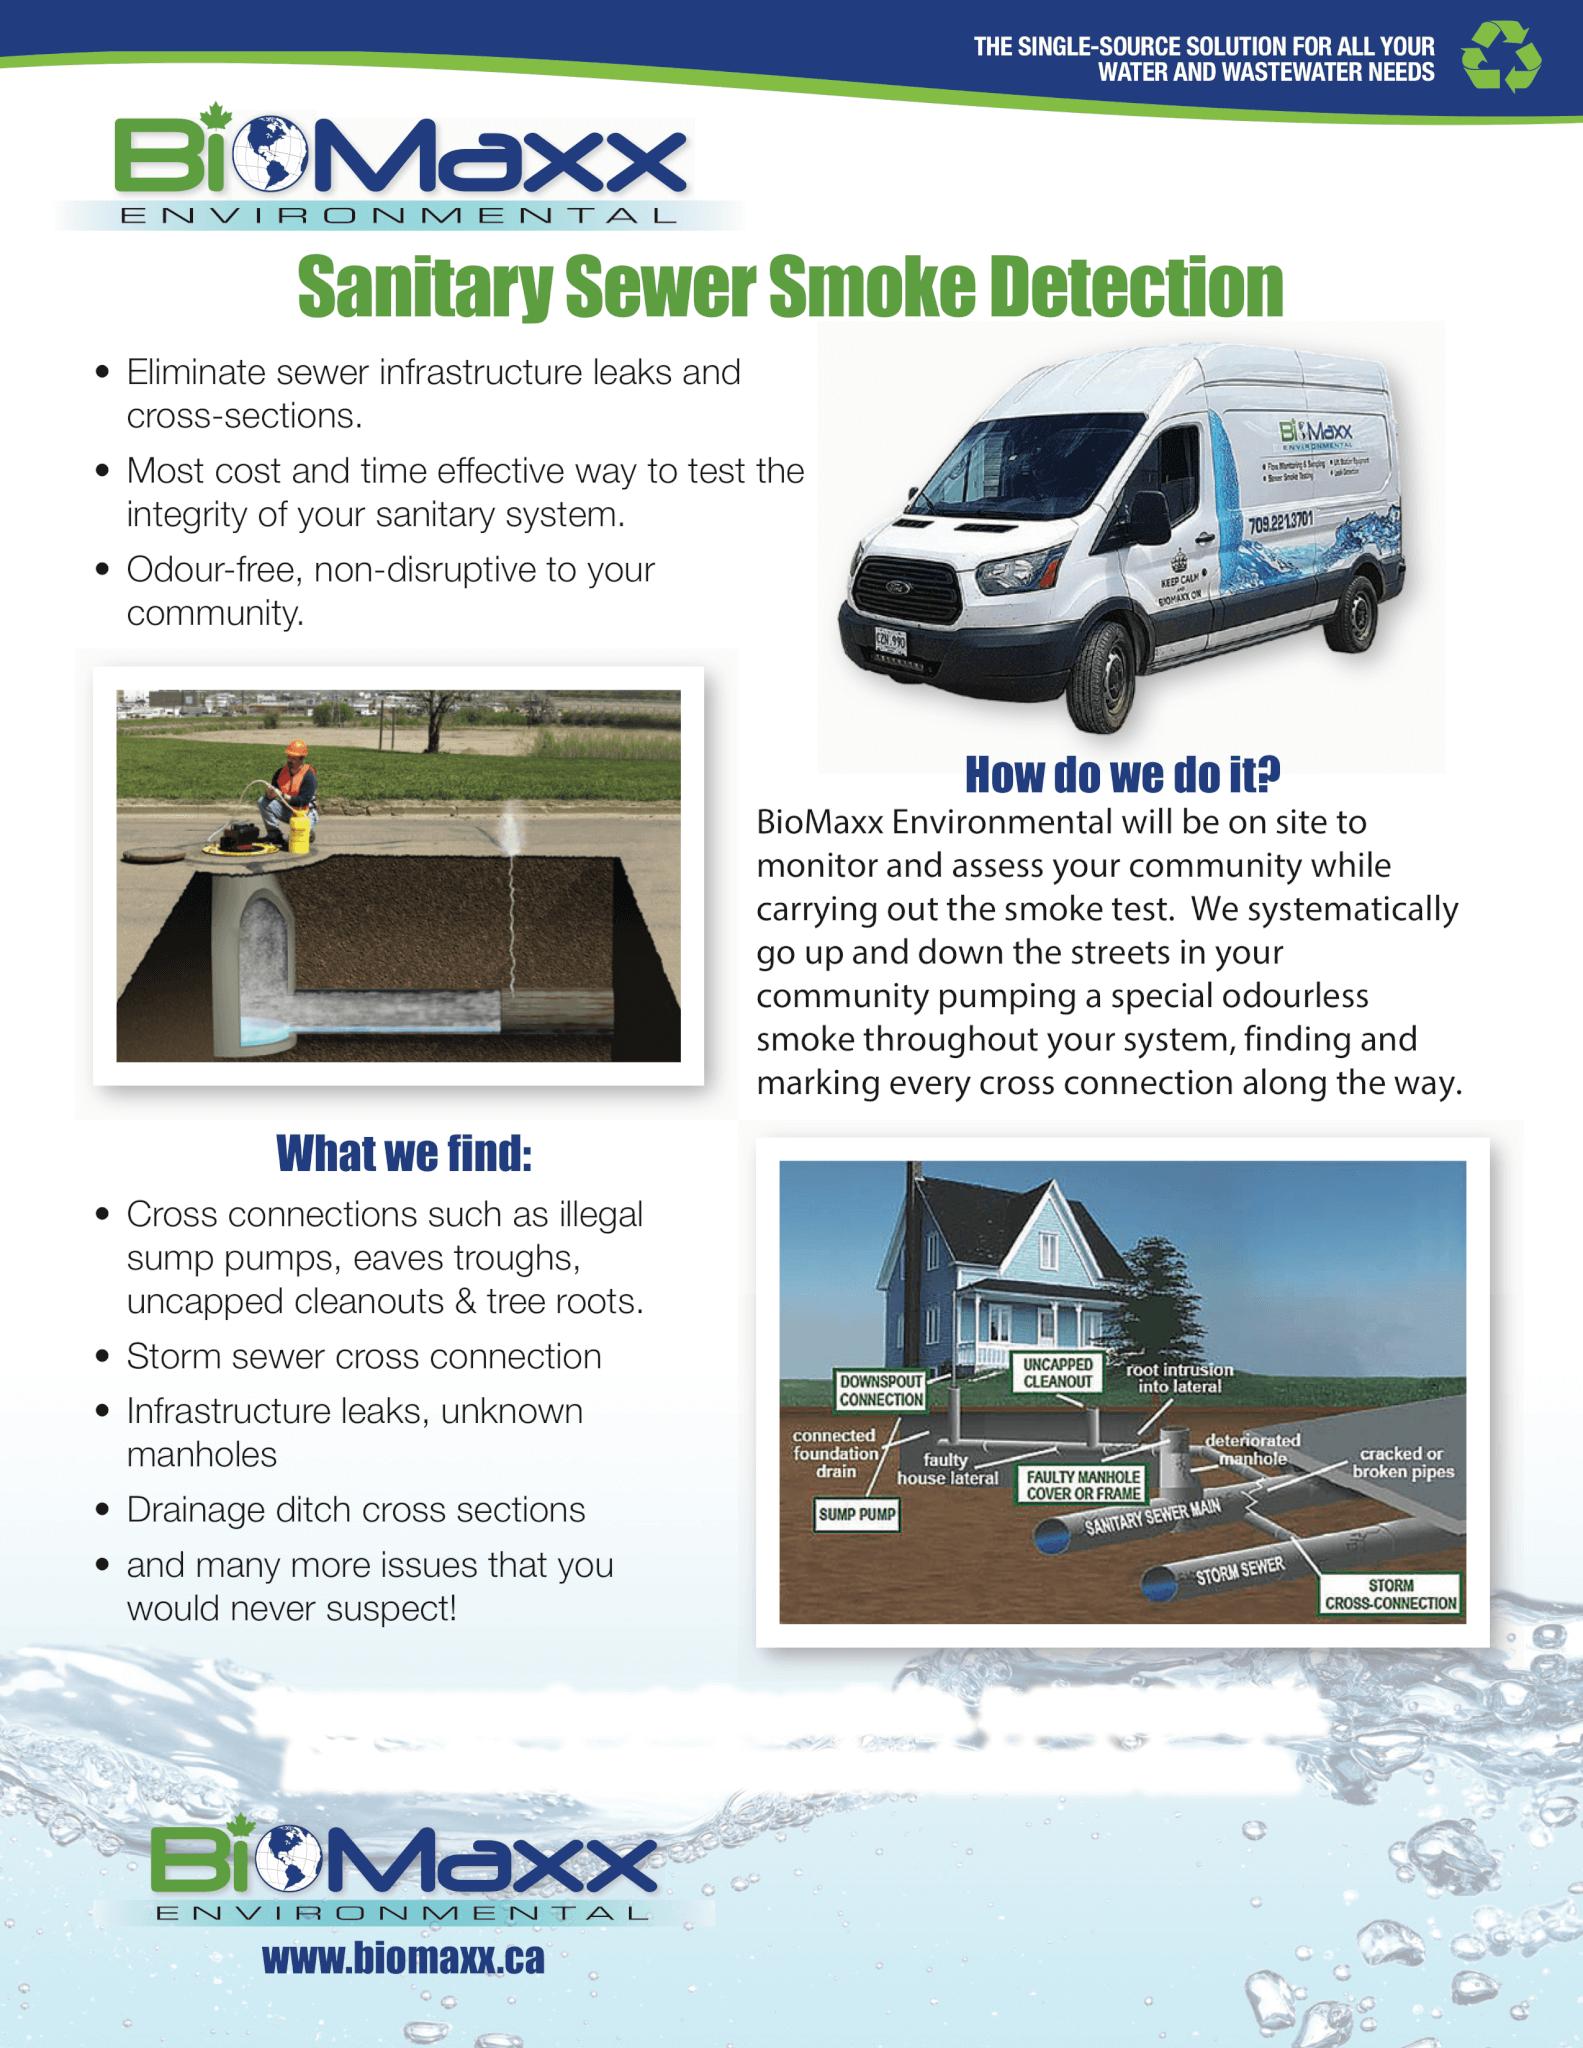 Sanitary Sewer Smoke Testing to Take Place Beginning on